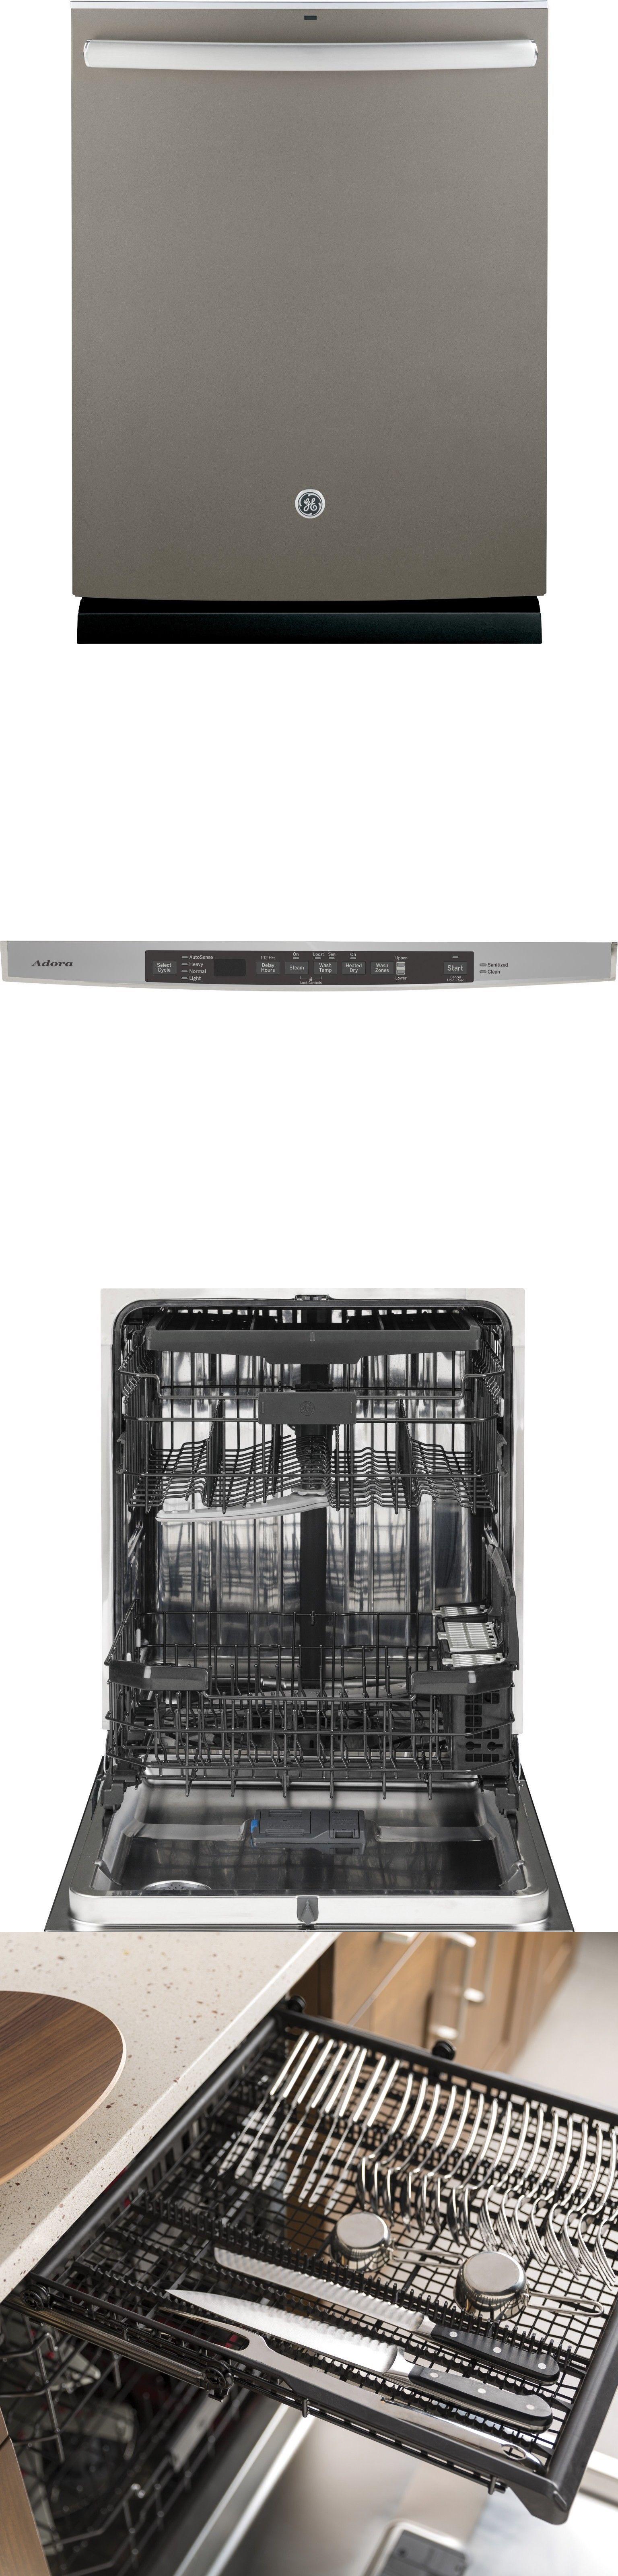 Dishwashers 116023 Ge Ddt595smjes Stainless Steel Interior